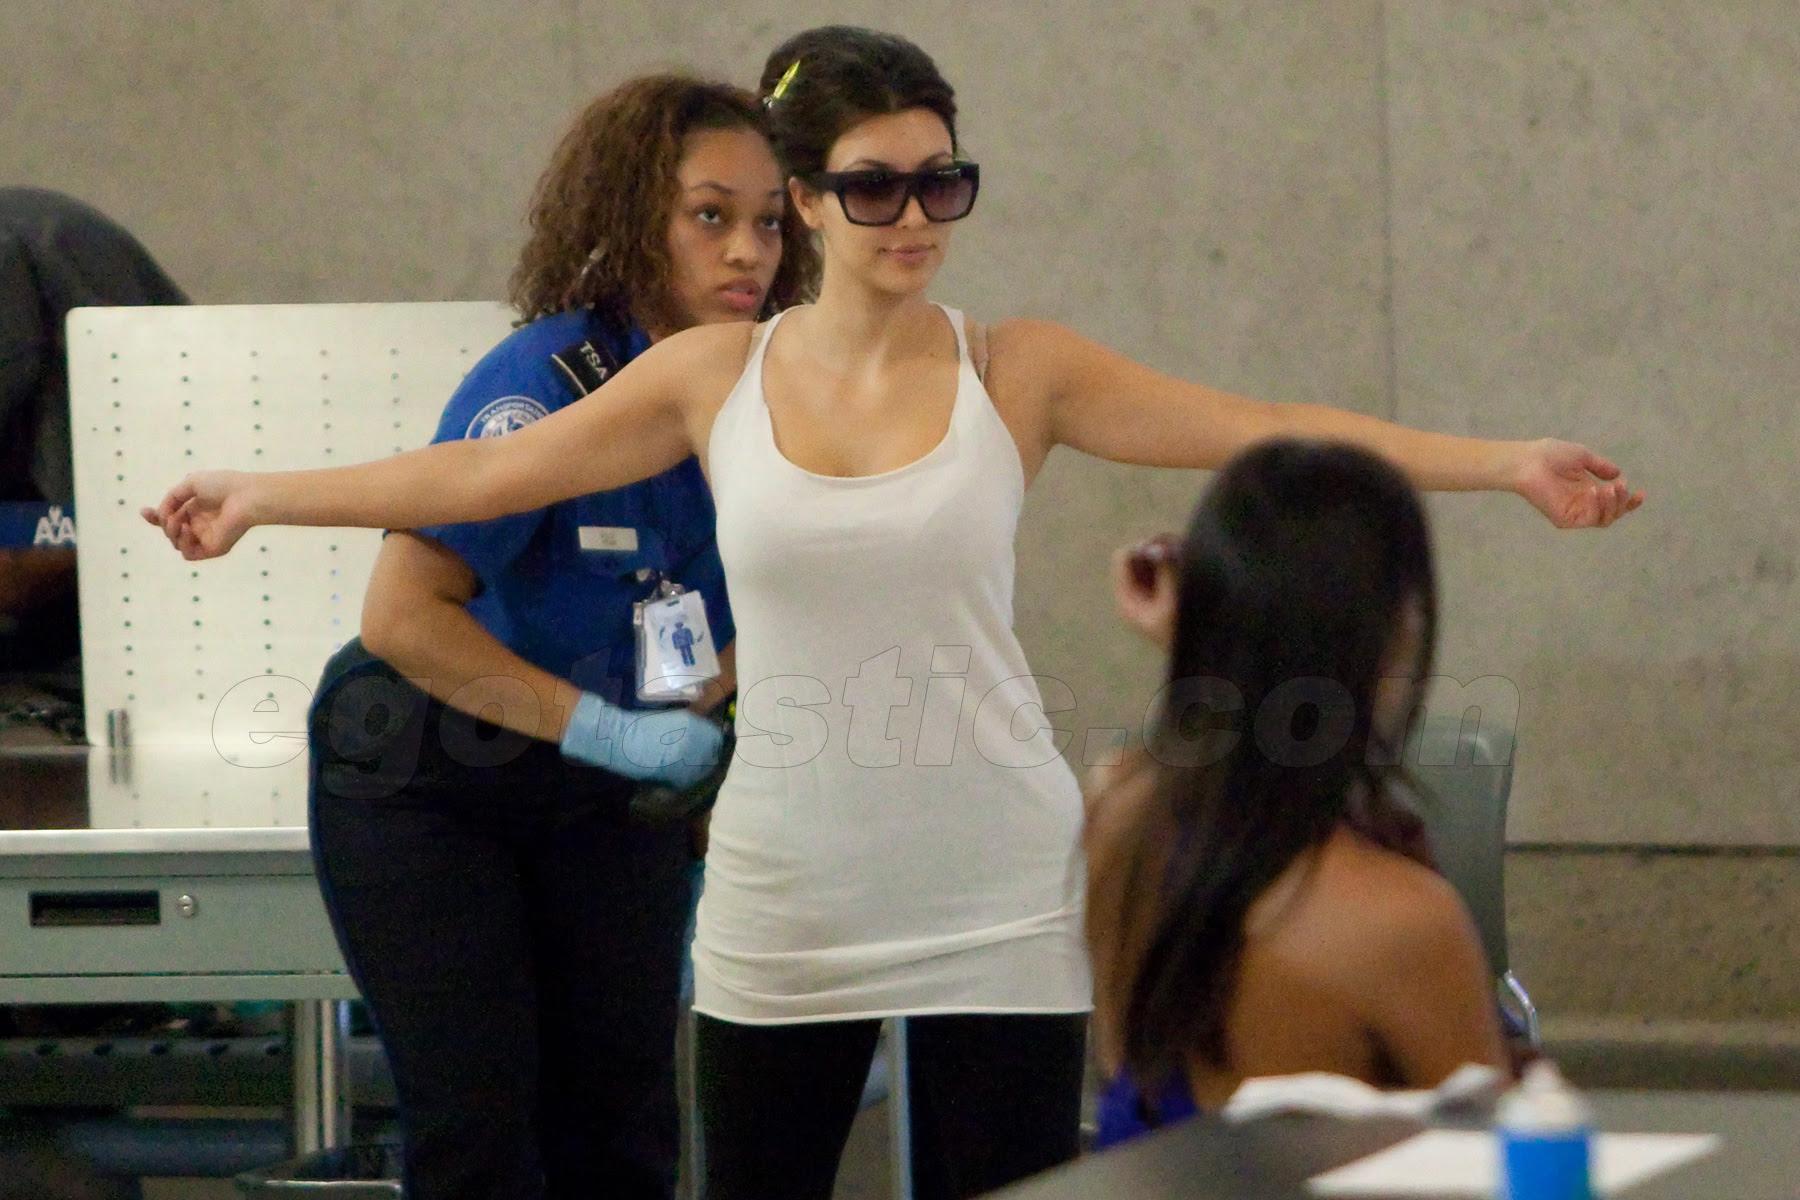 Kim Kardashian strip searched